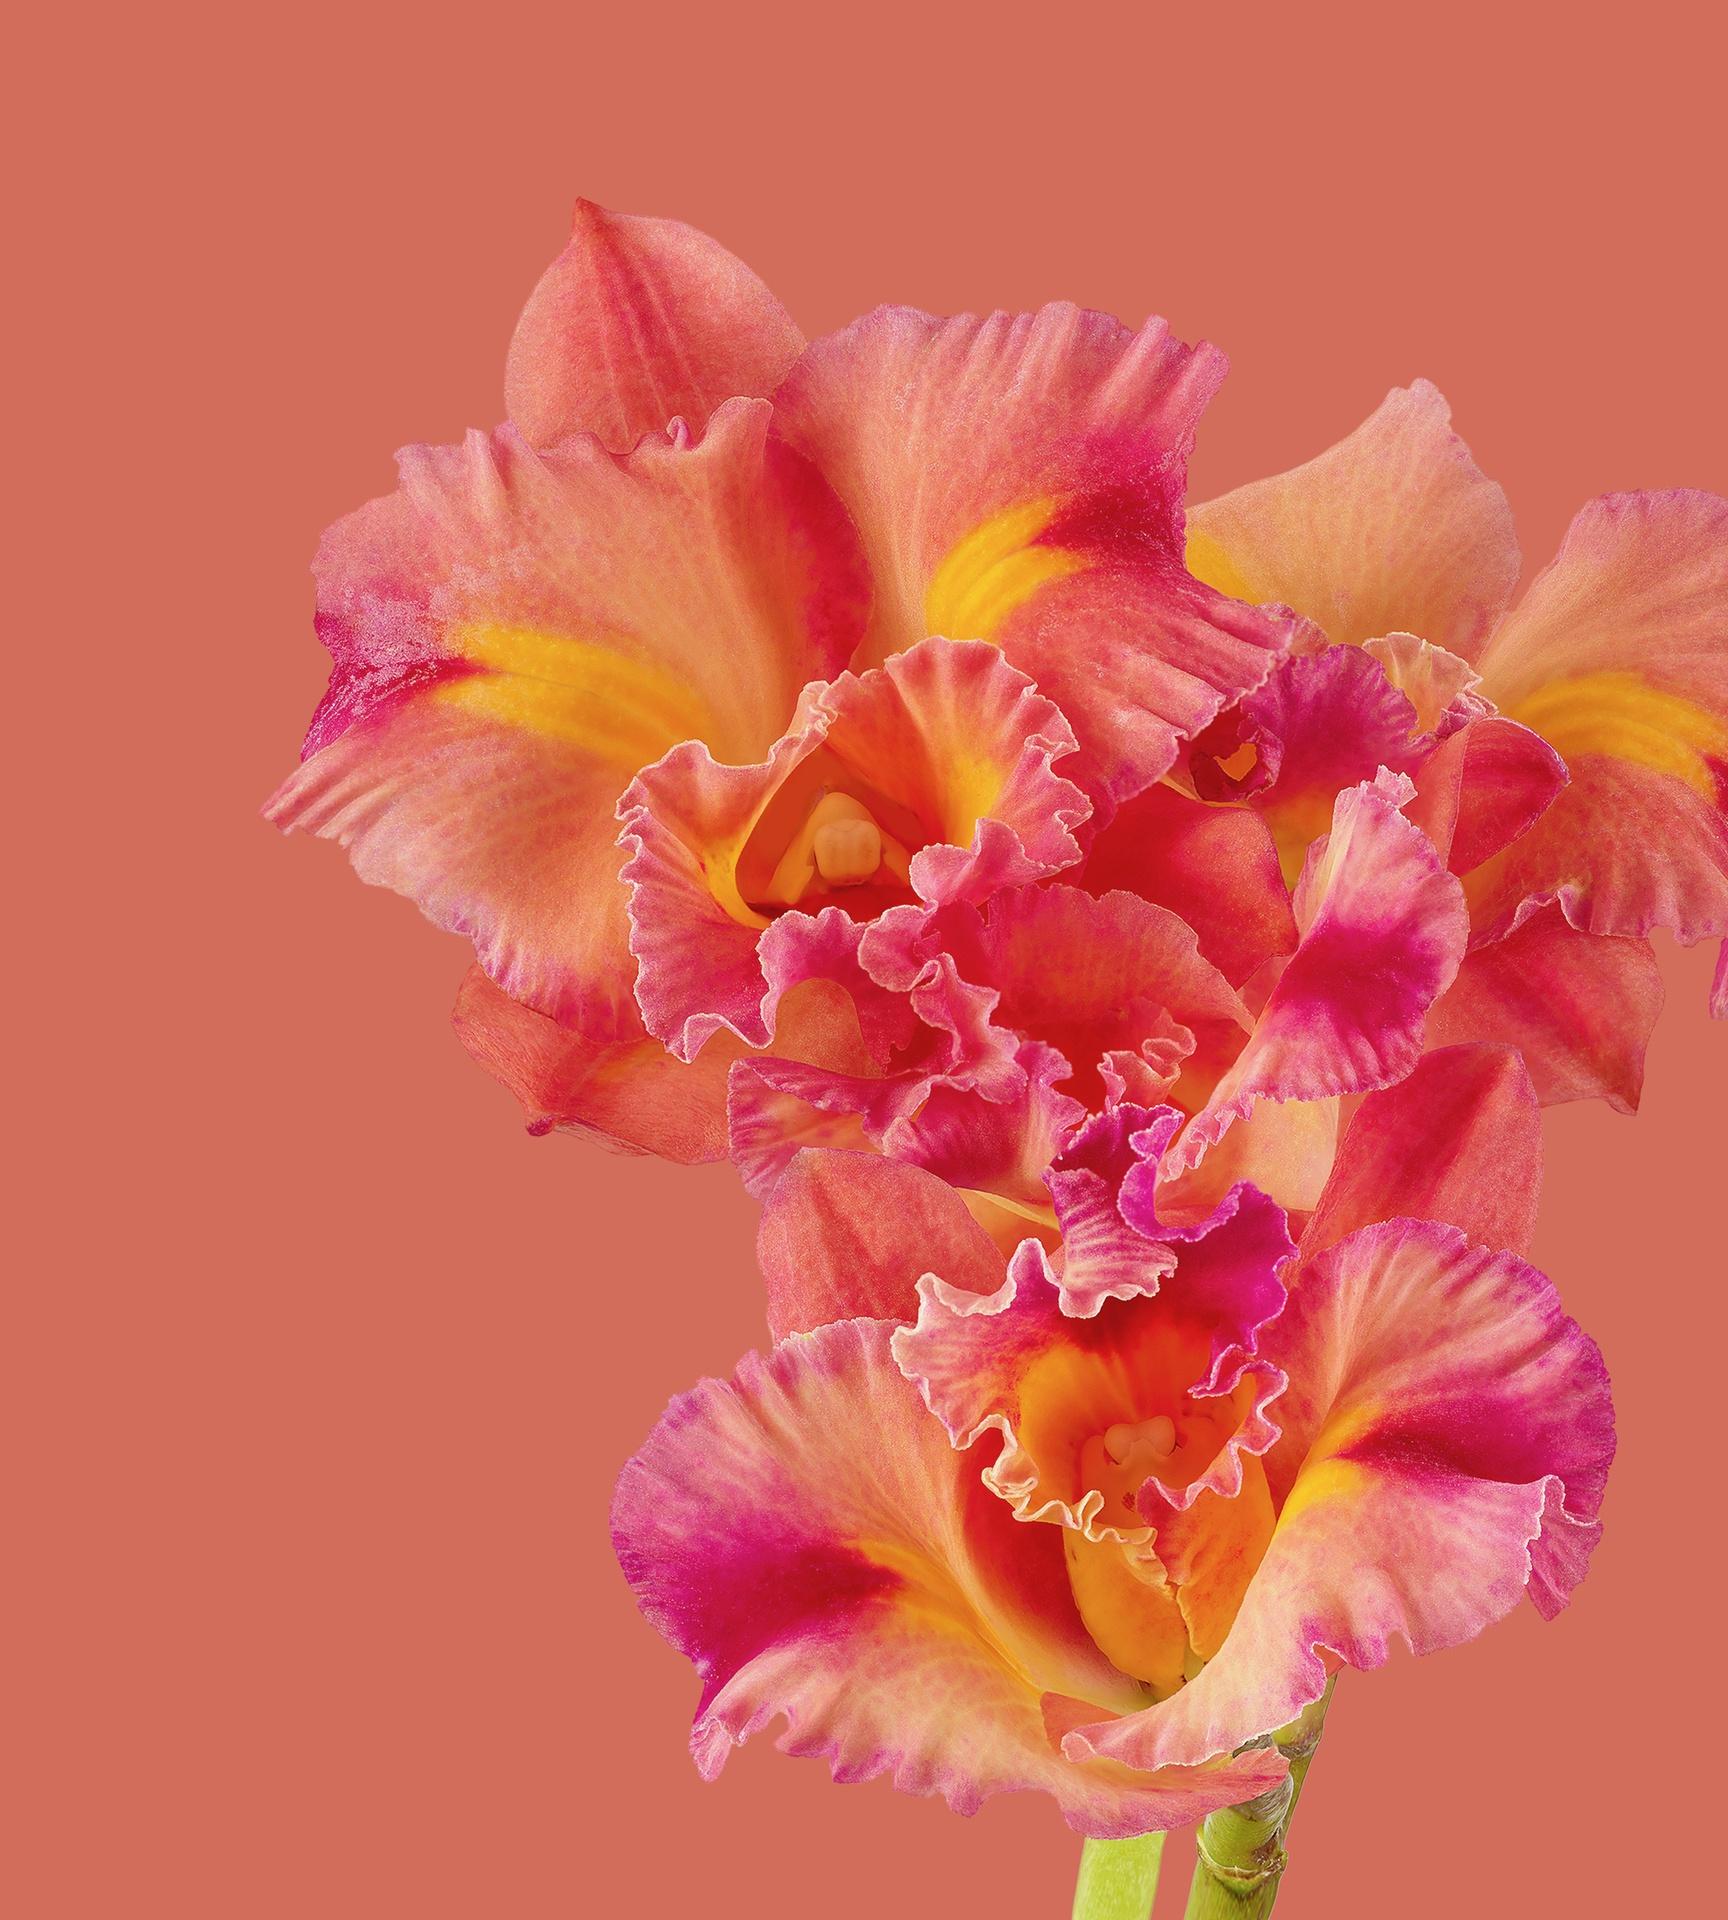 Pixel 6 Pro Wallpaper Cattleya Orchid light by Andrew Zuckerman